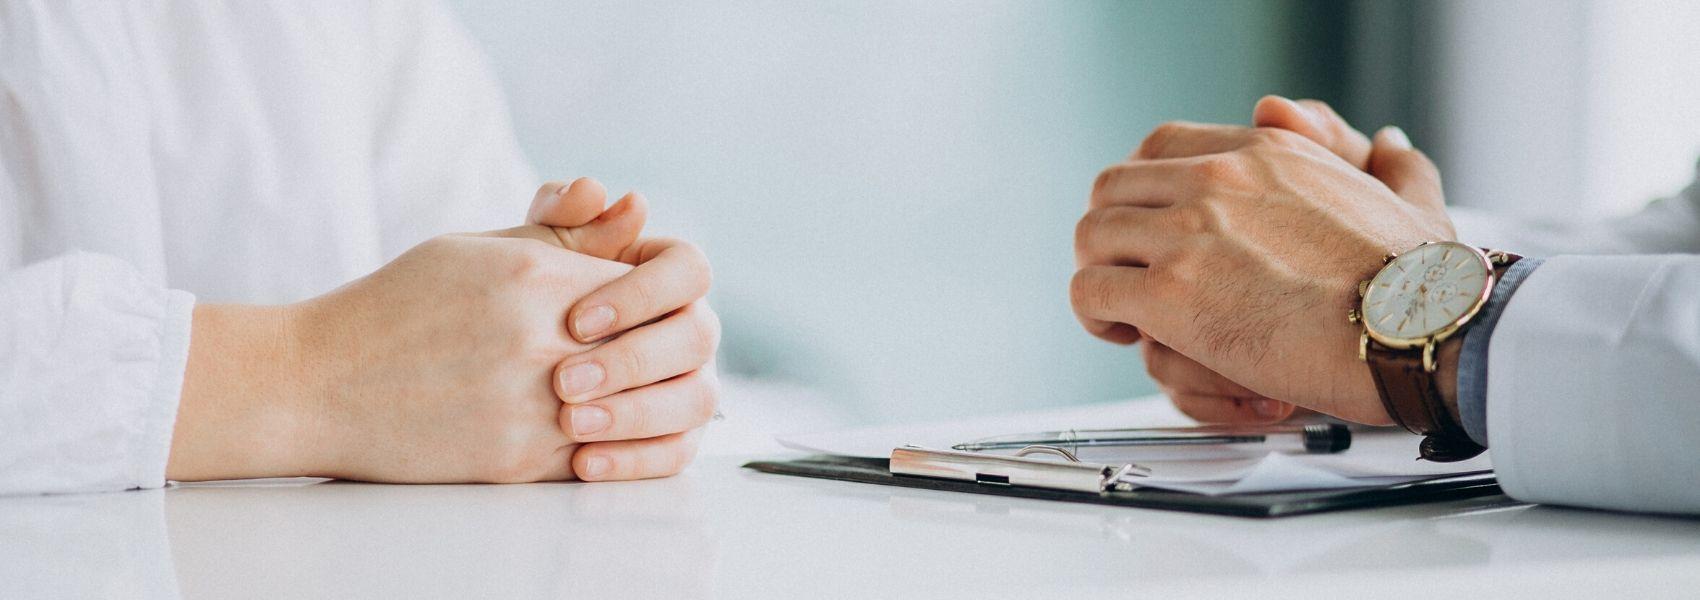 Especialista alerta: adiamento de exames pode afetar diagnóstico e tratamento do cancro